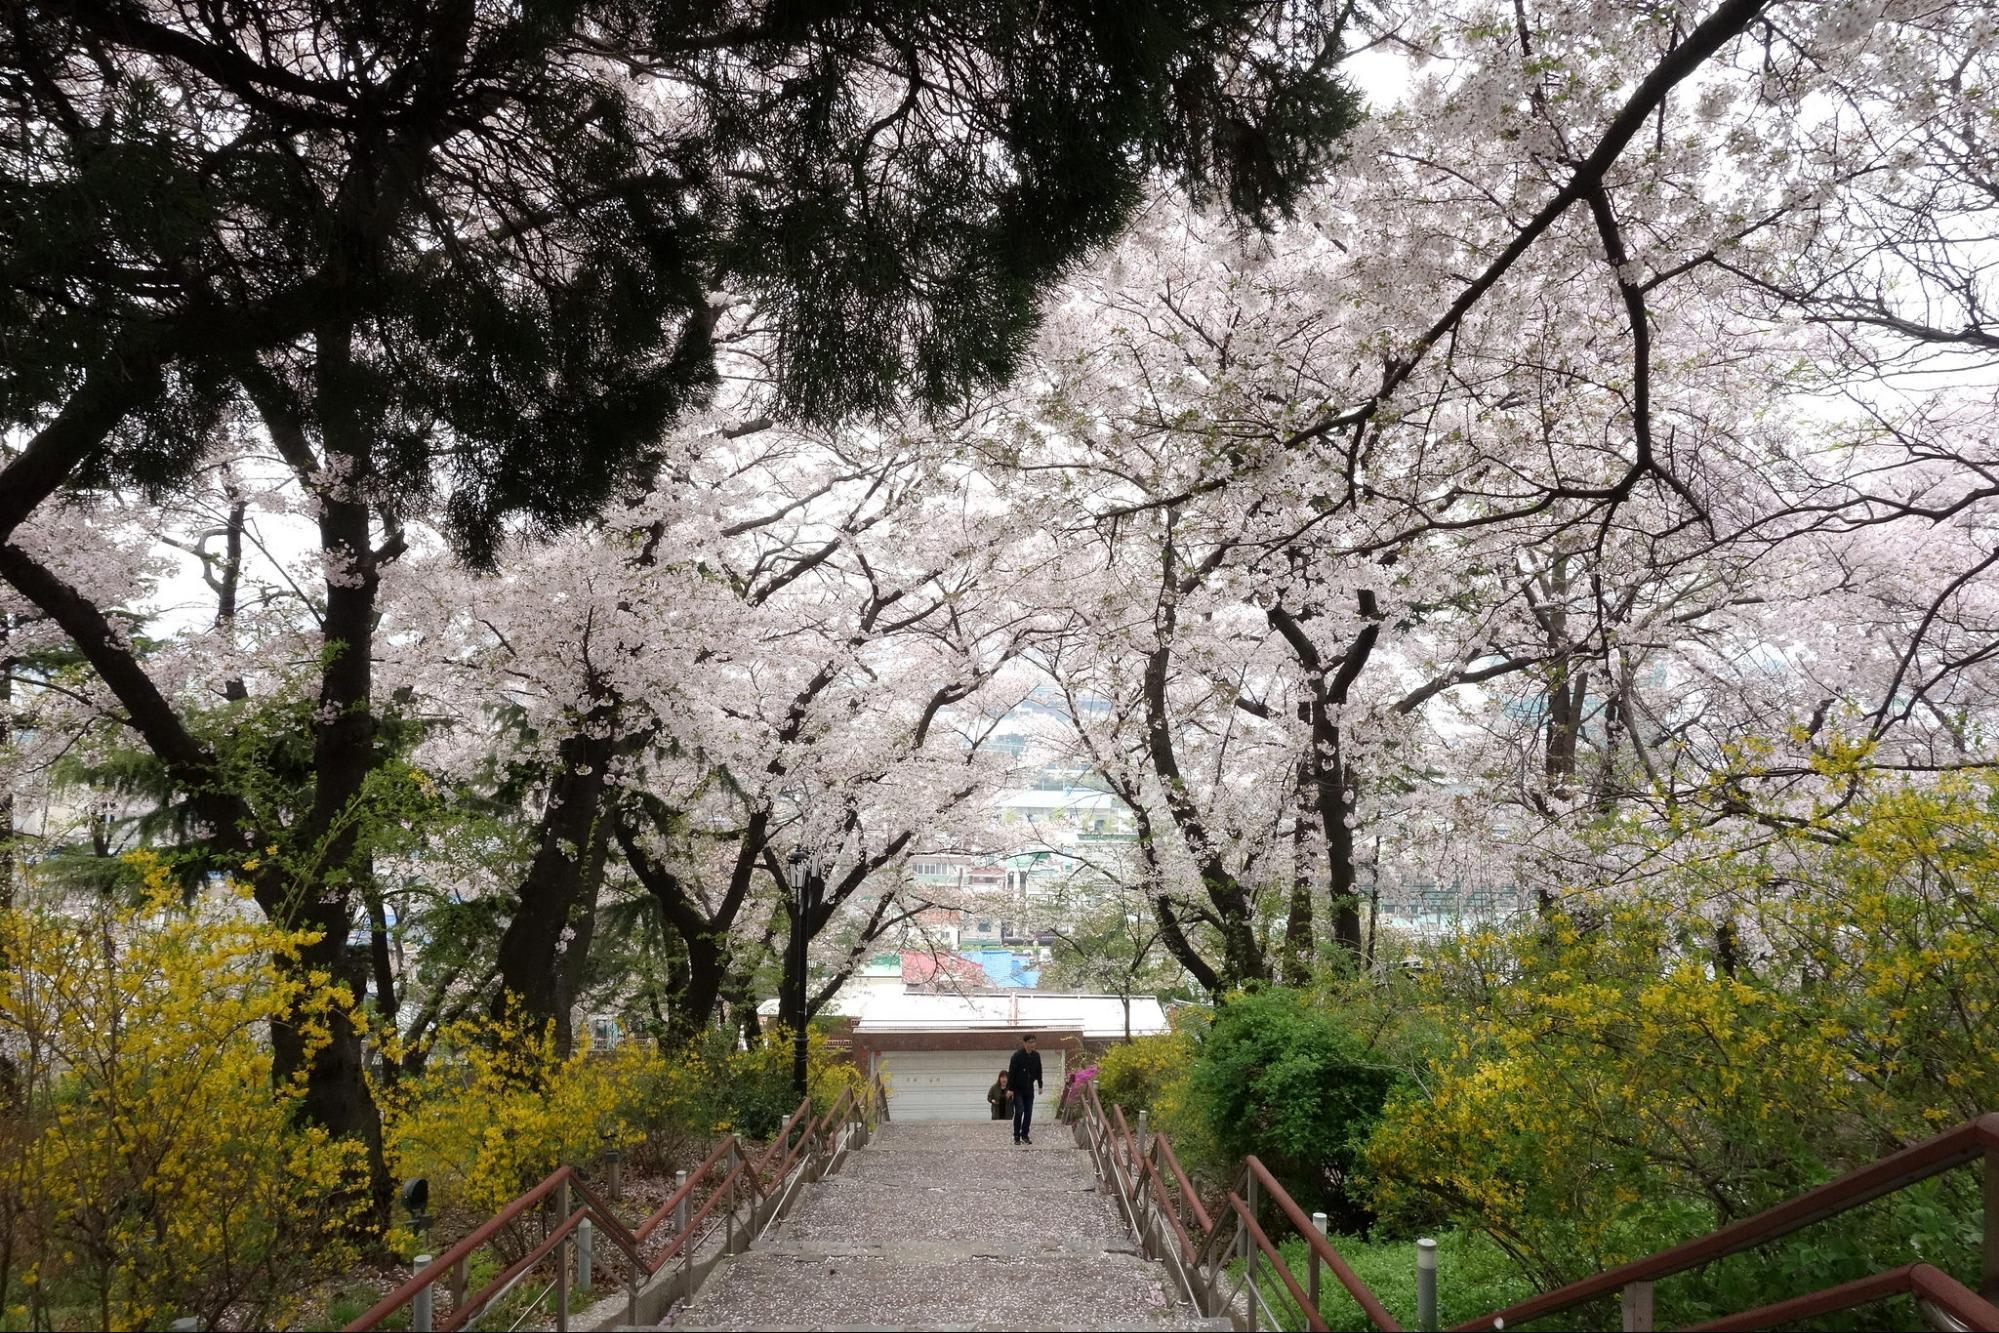 Giấc mơ anh đào: 11 điểm ngắm hoa đẹp nhất Hàn Quốc không thể bỏ lỡ 7